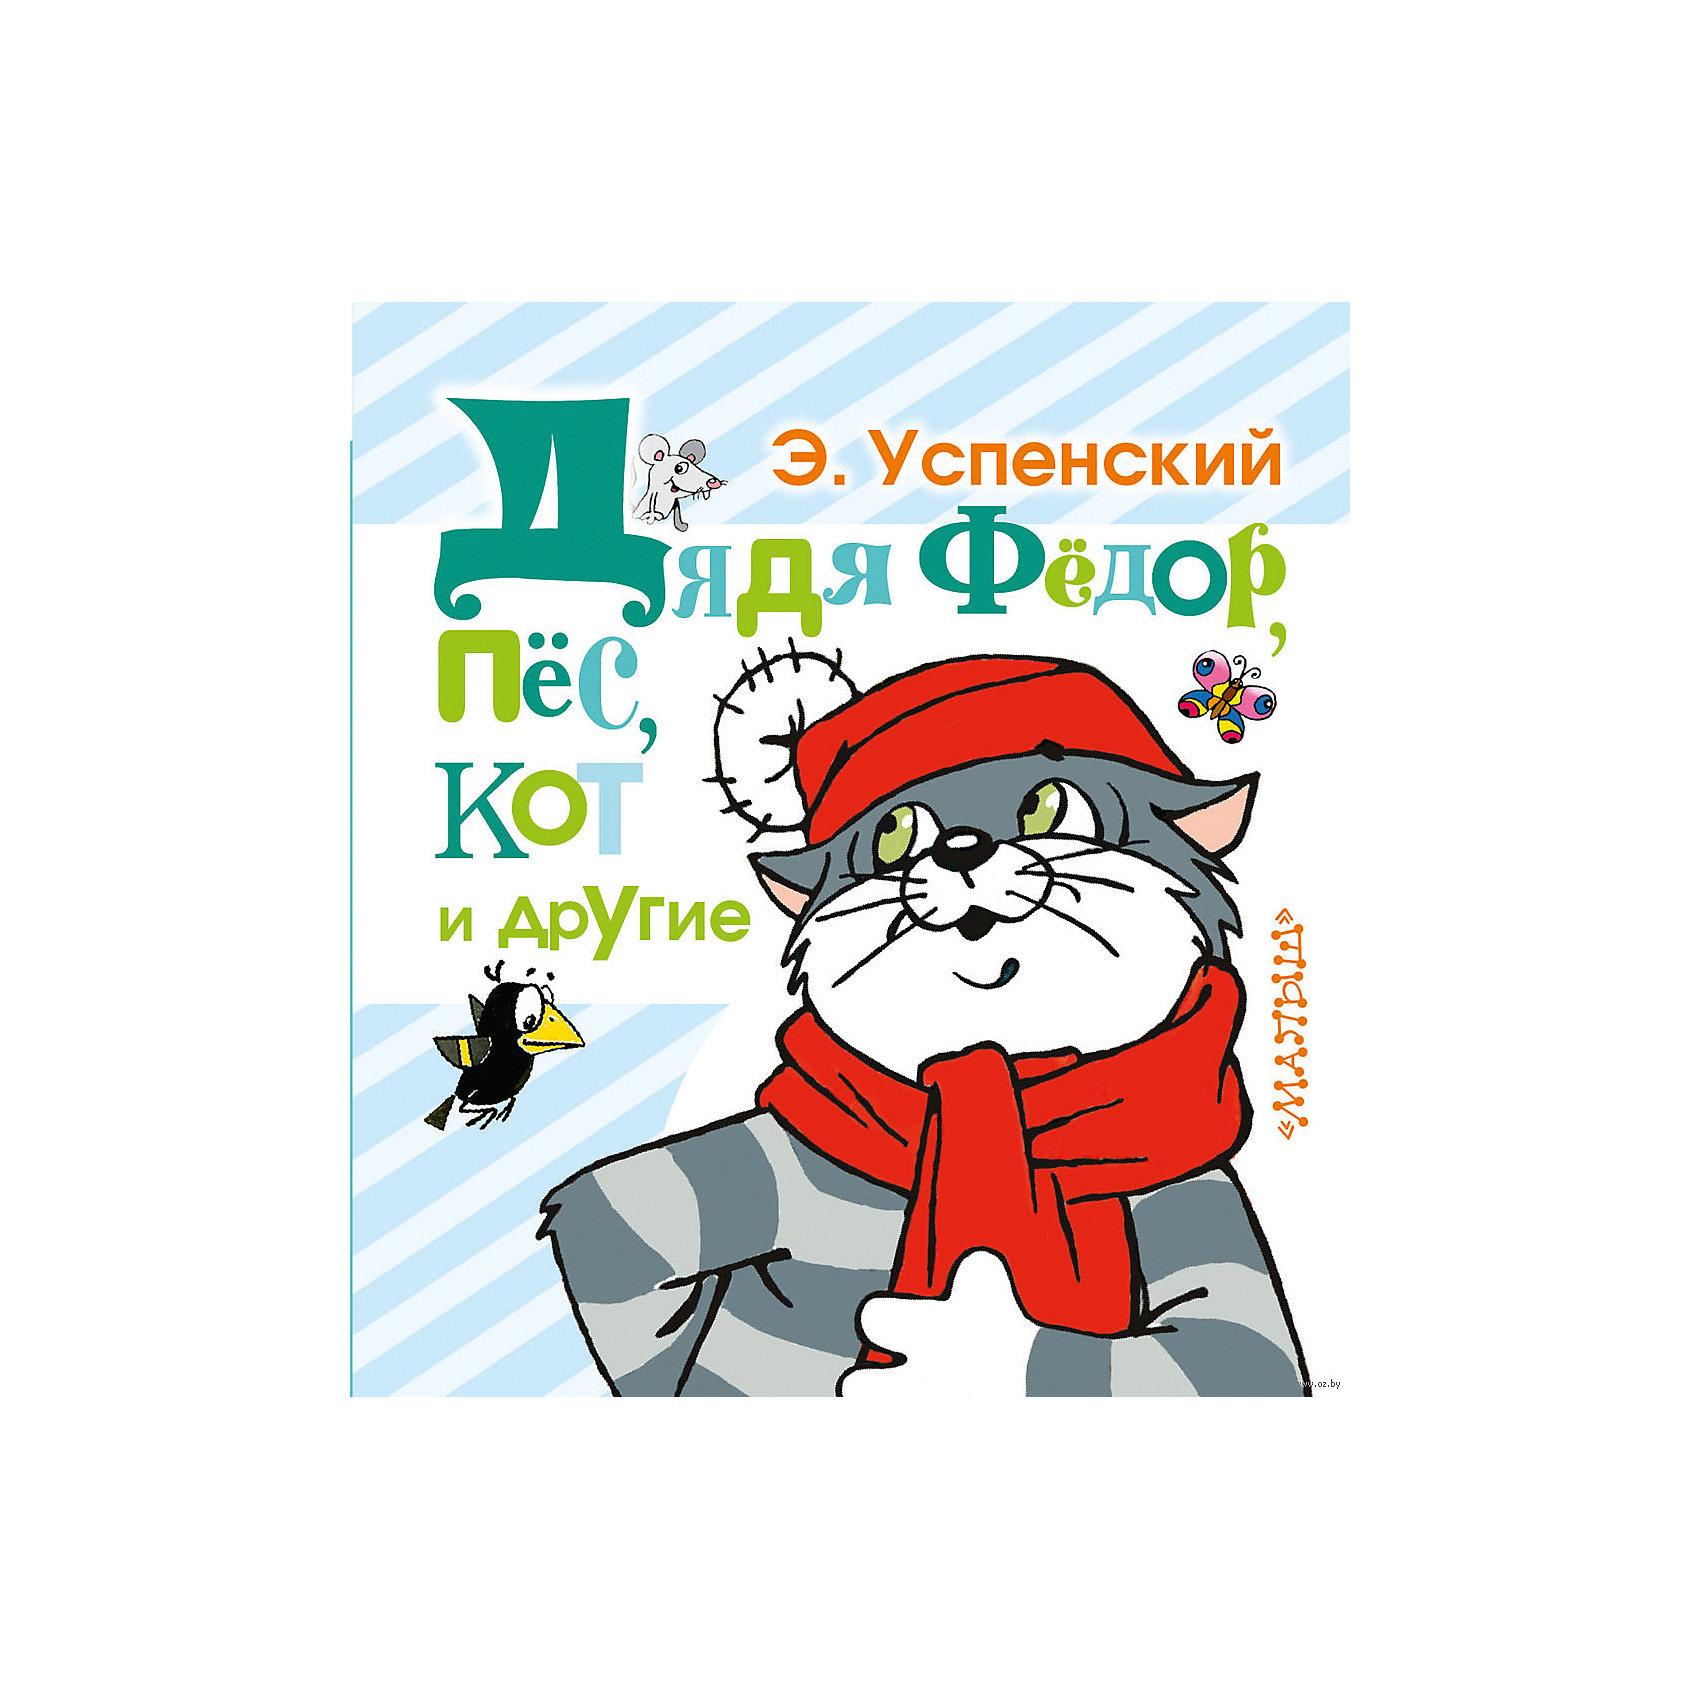 Дядя Фёдор, пёс, кот и другие, Э. УспенскийРассказы и повести<br>С жителями деревни Простоквашино всё время что-то происходит - ни дня без приключений.<br>То Матроскин с Шариком поссорятся, а дядя Фёдор их мирит,<br>то Печкин воюет с Хватайкой, то корова Мурка чудит. Простоквашинские короткие истории записал Э. Успенский.<br><br>Содержание:<br>НАВ0ДНЕНИЕ В ДЕРЕВНЕ ПРОСТОКВАШИНО (Рис. А. Артюха)<br>ВECHA В ПРОСТОКВАШИНО (Рис. Е. Лопатиной)<br>КОТ МАТРОСКИН И КОРОВА МУРКА (Рис. А. Артюха)<br>КАК МАТРОСКИН КРЫШУ КРАСИЛ (Рис. А. Артюха)<br>КОТ МАТРОСКИН И МЫШИ (Рис. А. Артюха)<br>КИСЛОТНЫЙ ДОЖДЬ В ПРОСТОКВАШИНО (Рис. С. Юкина)<br>НЕВЕСТЫ ПОЧТАЛЬОНА ПЕЧКИНА (Рис. А. Артюха)<br>ГРИБНОЕ ЛЕТО (Рис. А. Артюха)<br>ШАРИК И БОБРЁНОК (Рис. Е. Гальдяевой)<br>МАТРОСКИН И ШАРИК ССОРЯТСЯ (Рис. О. Базелян)<br>ДЕНЬ РОЖДЕНИЯ ДЯДИ ФЁДОРА (Рис. Артюха)<br>ПЕЧКИН ПРОТИВ ХВАТАЙКИ (Рис. А. Шера)<br>ОШИБКА ПОЧТАЛЬОНА ПЕЧКИНА (Рис. А. Шера)<br>НОВЫЙ ГОД В ПРОСТОКВАШИНО (Рис. Е. Вульф)<br><br>Ширина мм: 155<br>Глубина мм: 140<br>Высота мм: 140<br>Вес г: 302<br>Возраст от месяцев: 48<br>Возраст до месяцев: 2147483647<br>Пол: Унисекс<br>Возраст: Детский<br>SKU: 6848297